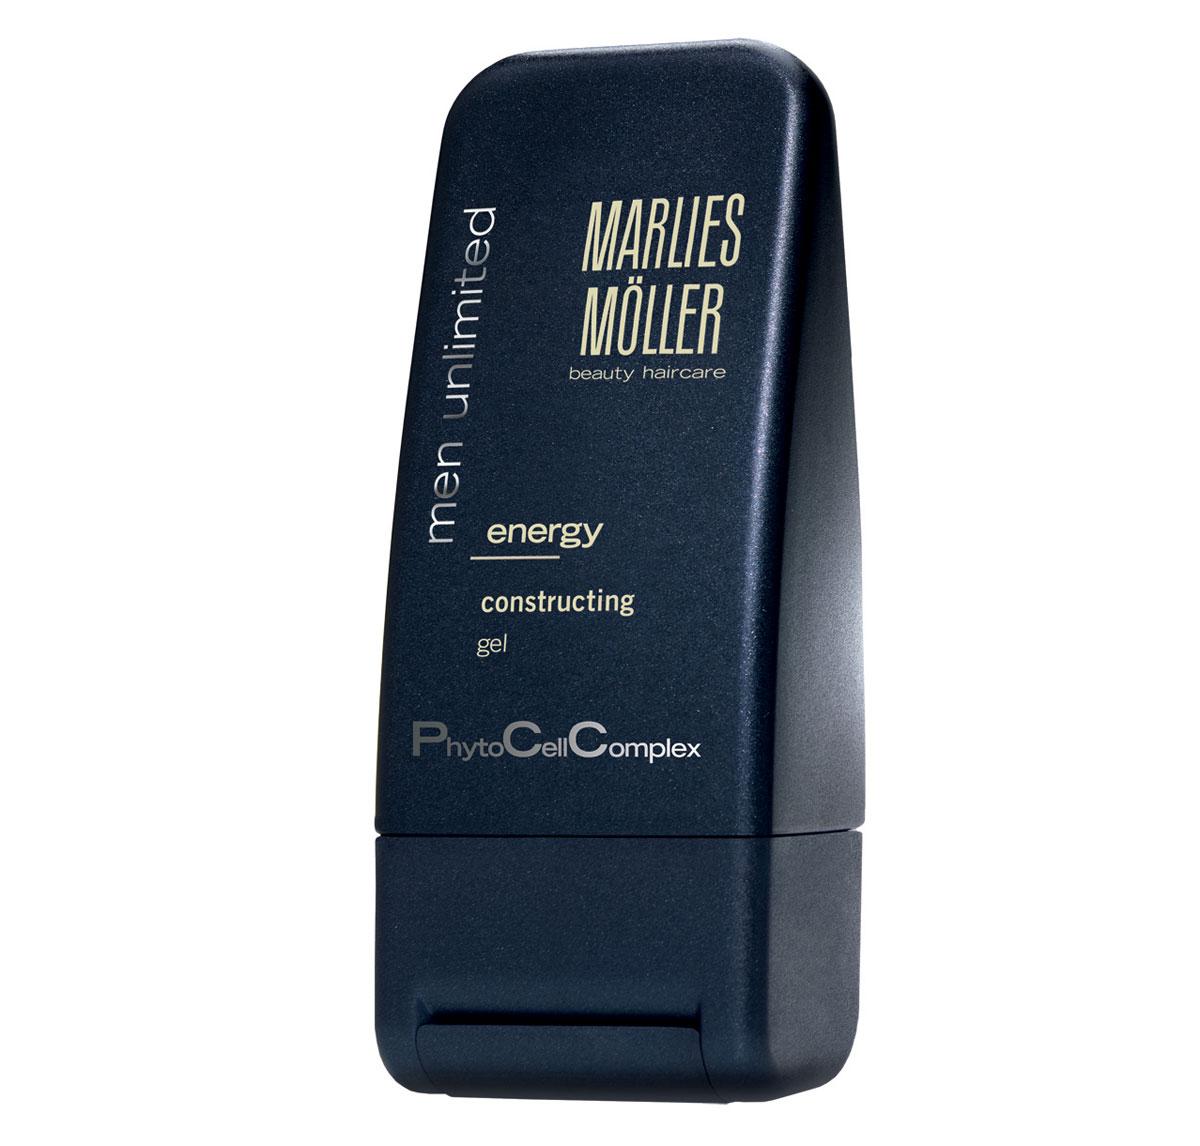 Marlies Moller Структурирующий гель для укладки волос Men Unlimited, для мужчин, 100 мл25846MMsГель рекомендуется для любого стиля, для любого типа волос. Придает волосам силу и обеспечивает естественную фиксацию. Сохраняет гибкость укладки, не склеивает волосы. Легко удаляется при расчесывании. Защищает от повреждающего действия УФ лучей и свободных радикалов. Обеспечивает волосам дополнительное увлажнение. Гель легко распределяется по волосам, имеет нелипкую текстуру, не утяжеляет волосы, полностью и легко смывается. Профессиональный совет: наносите гель на влажные волосы для создания современного делового стиля. Предварительно подсушите волосы полотенцем, затем часть волос, в зависимости от Ваших предпочтений, расчешите в нужном направлении. Нанесите на ладонь небольшое количество геля (размером с грецкий орех) и придайте форму прическе. Закрепите фиксацию с помощью теплового воздействия фена. Можно наносить гель на сухие волосы для создания спортивного стиля. Нанесите гель на ладони и взъерошьте сухие волосы руками. Затем возьмите еще немного средства и придайте форму...